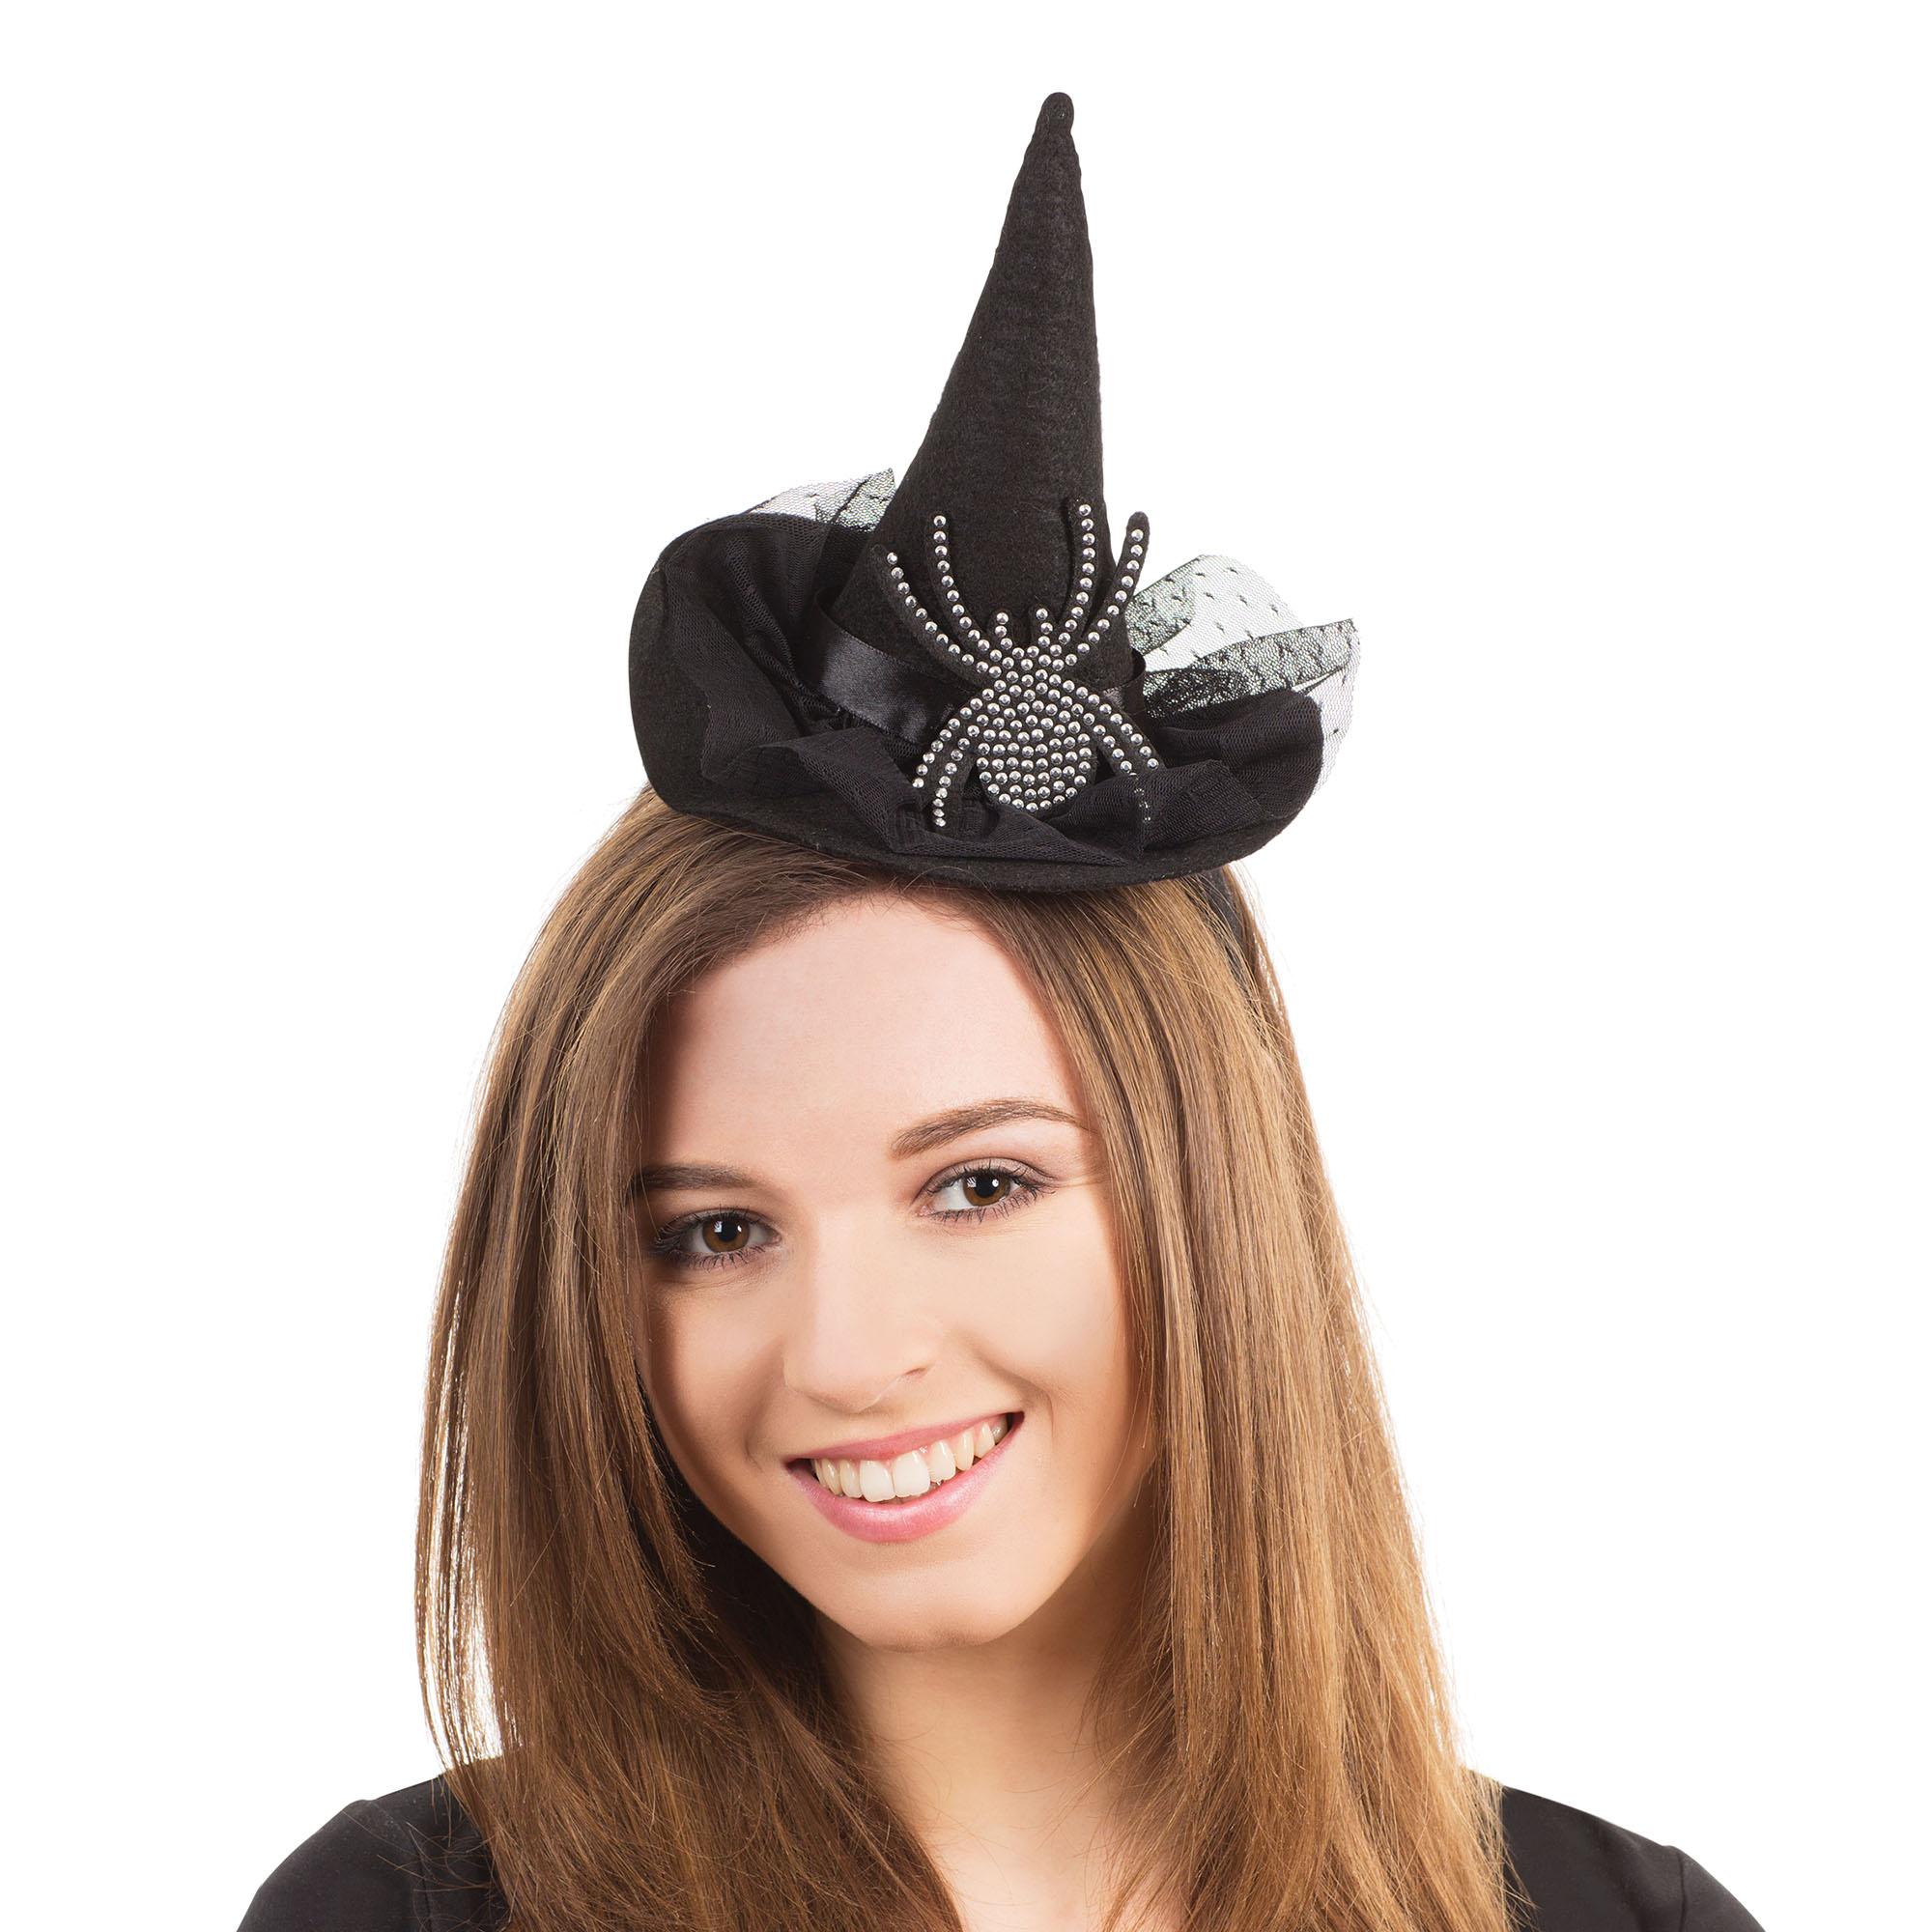 Bristol Novelty Womens Diamante Spider Witch Hat (One Size) (Black)